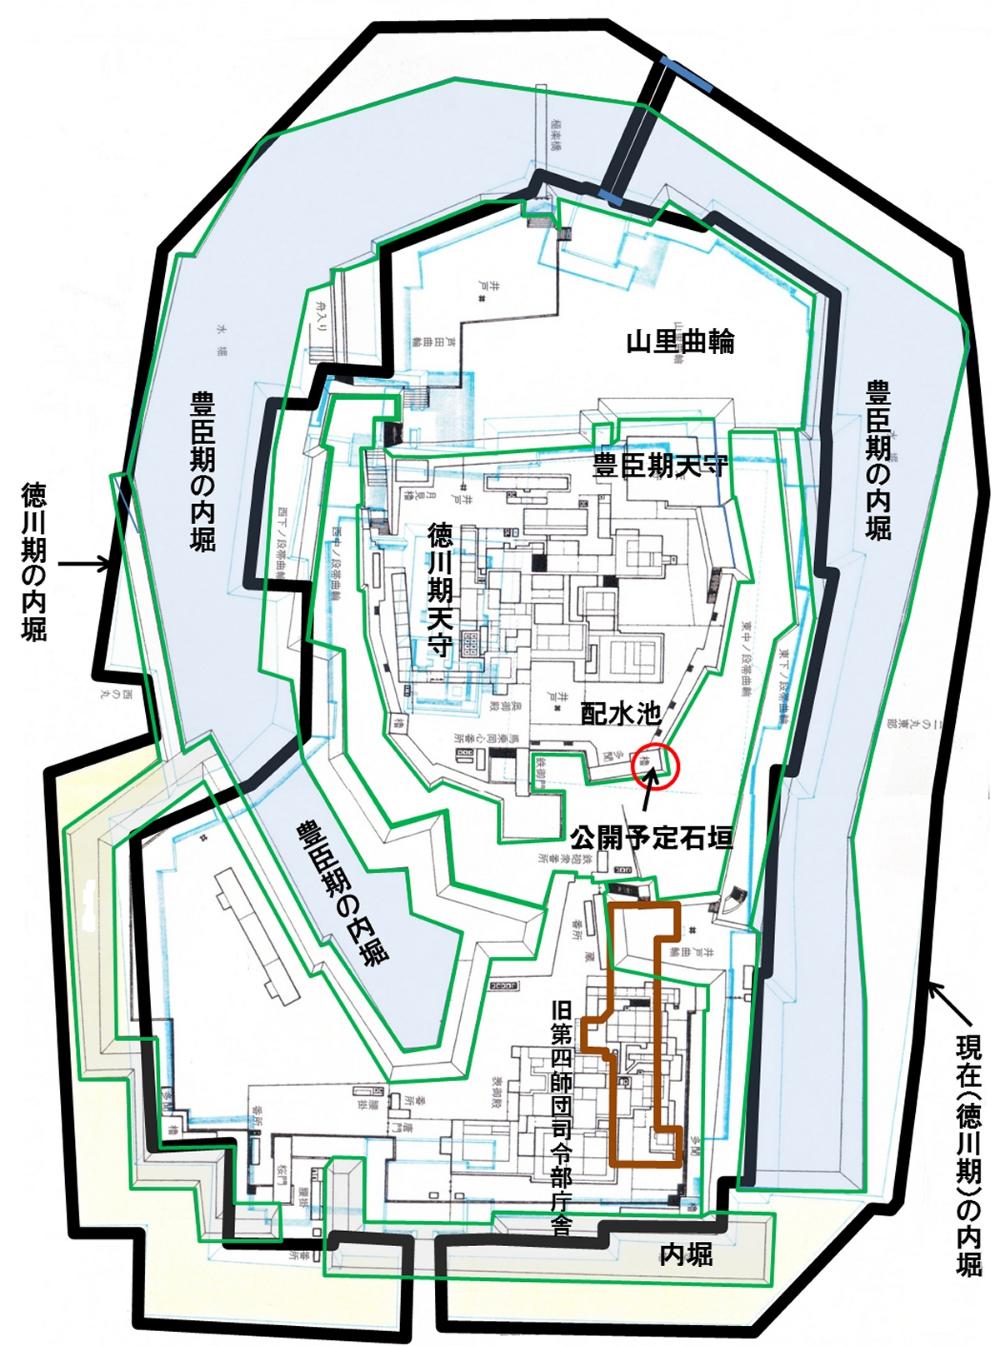 豊臣時代の大阪城を現代に 築城時の石垣を公開するプロジェクトが始動 石垣 城 日本の城